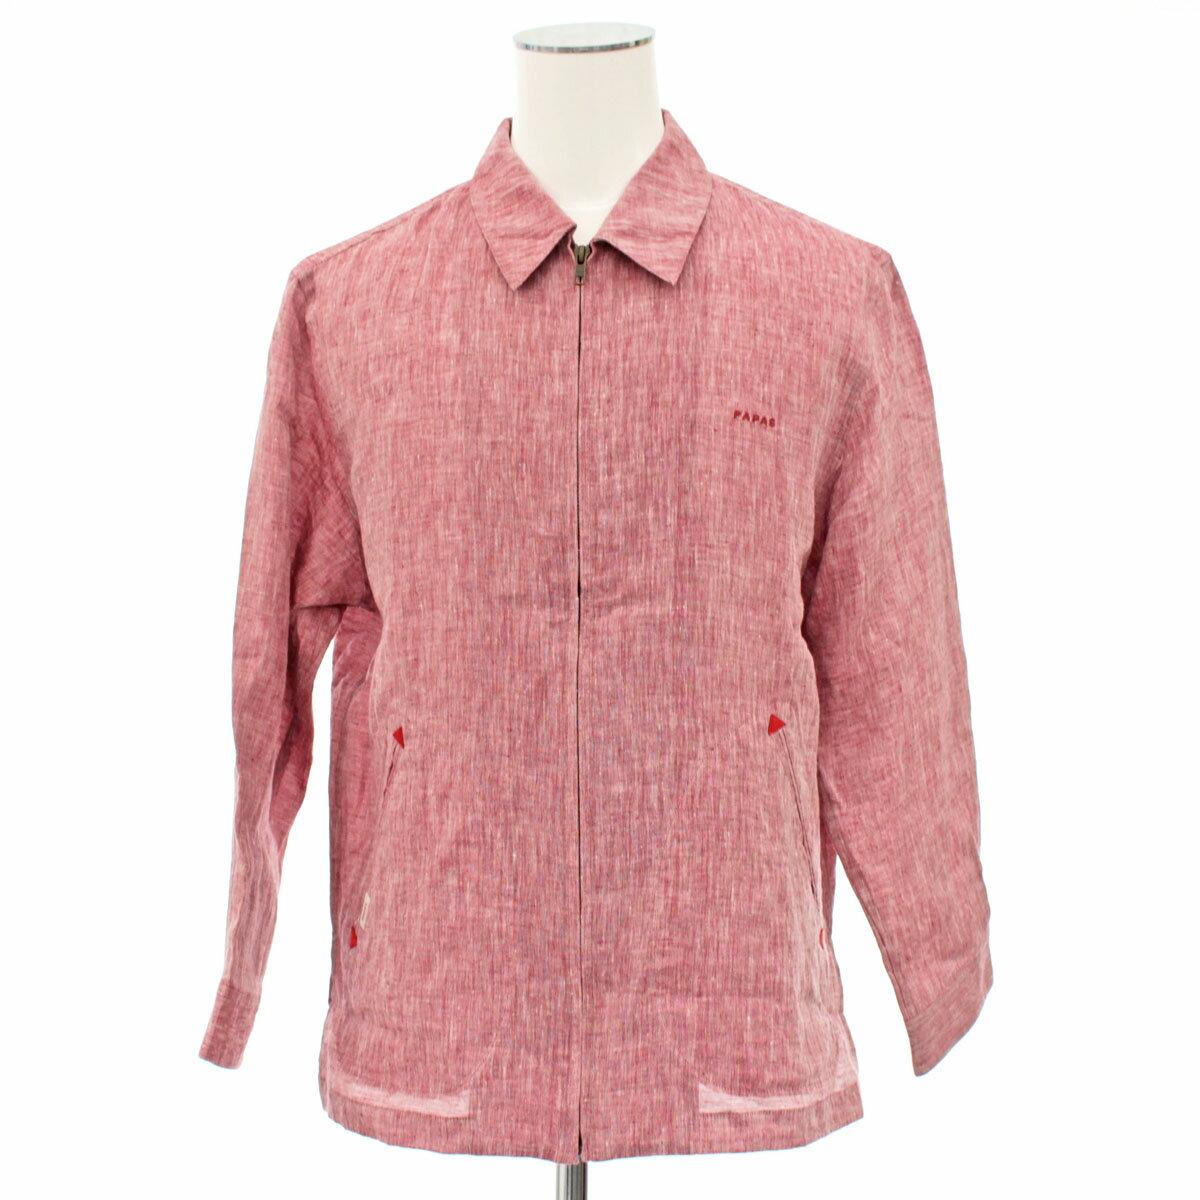 メンズファッション, コート・ジャケット Papas M(48) red 100